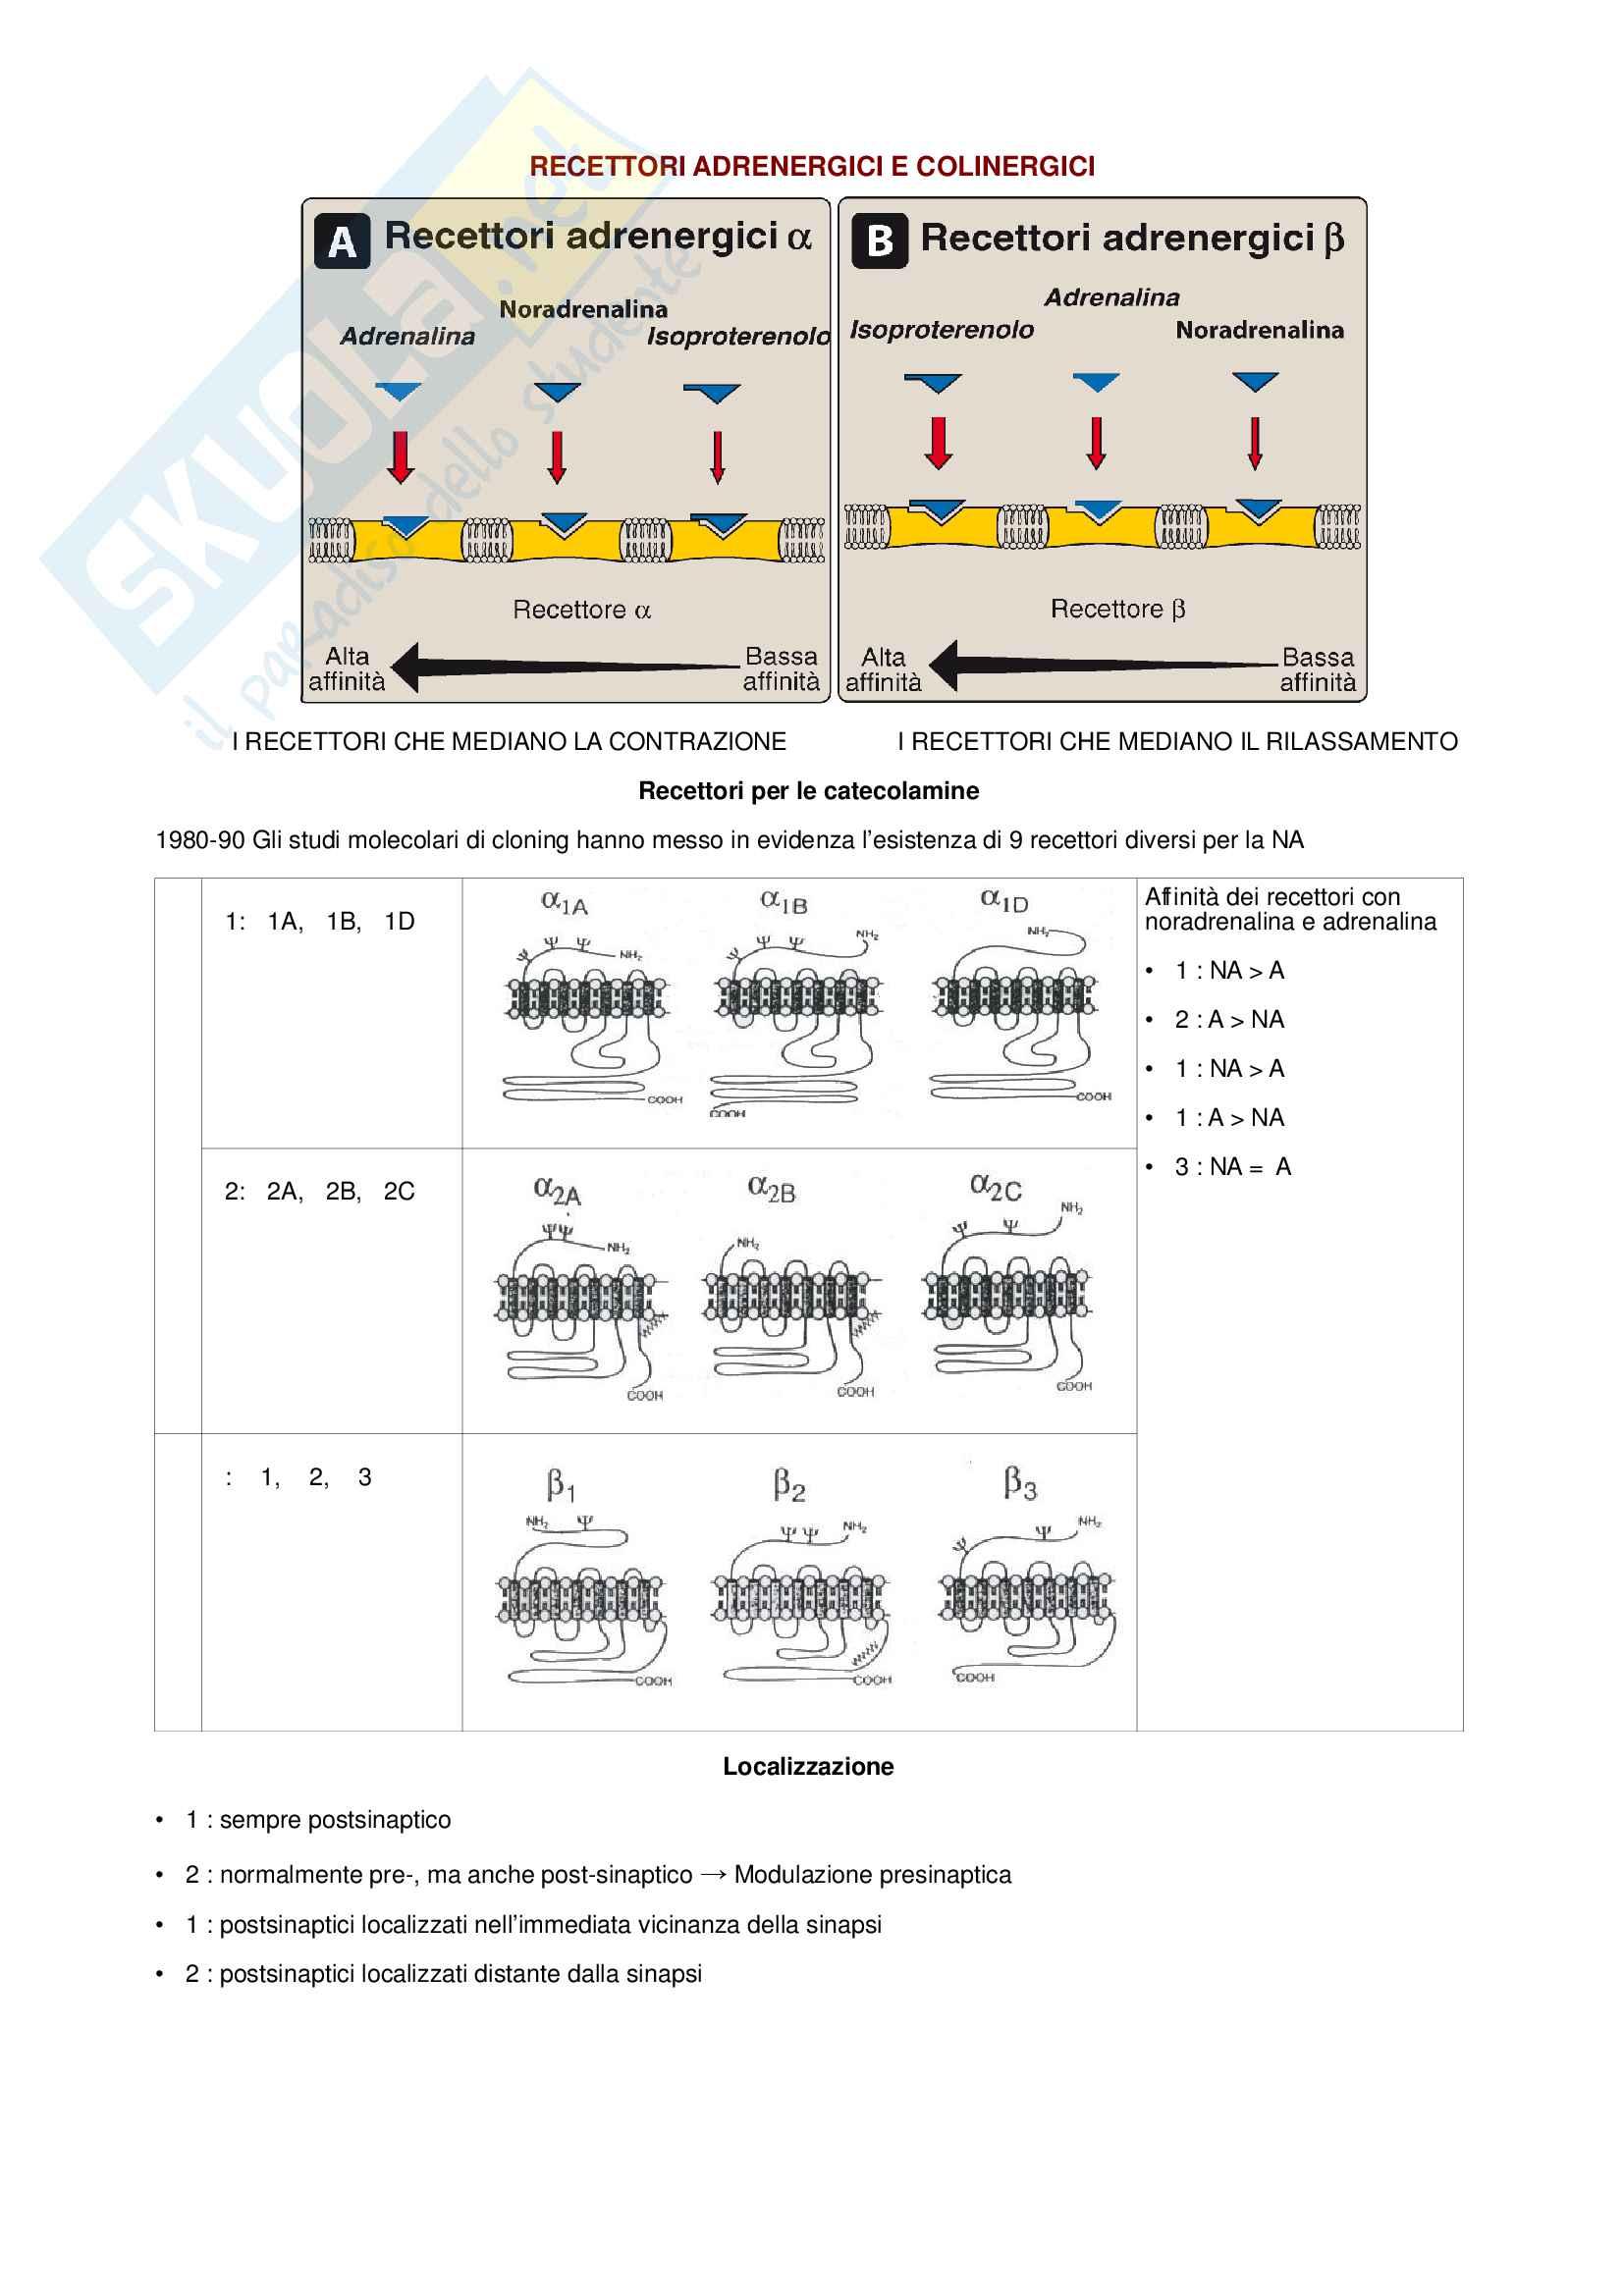 Farmacologia - Recettori adrenergici e colinergici, neurotrasmissione adrenergica e antagonisti dei recettori adrenergici BIO/14